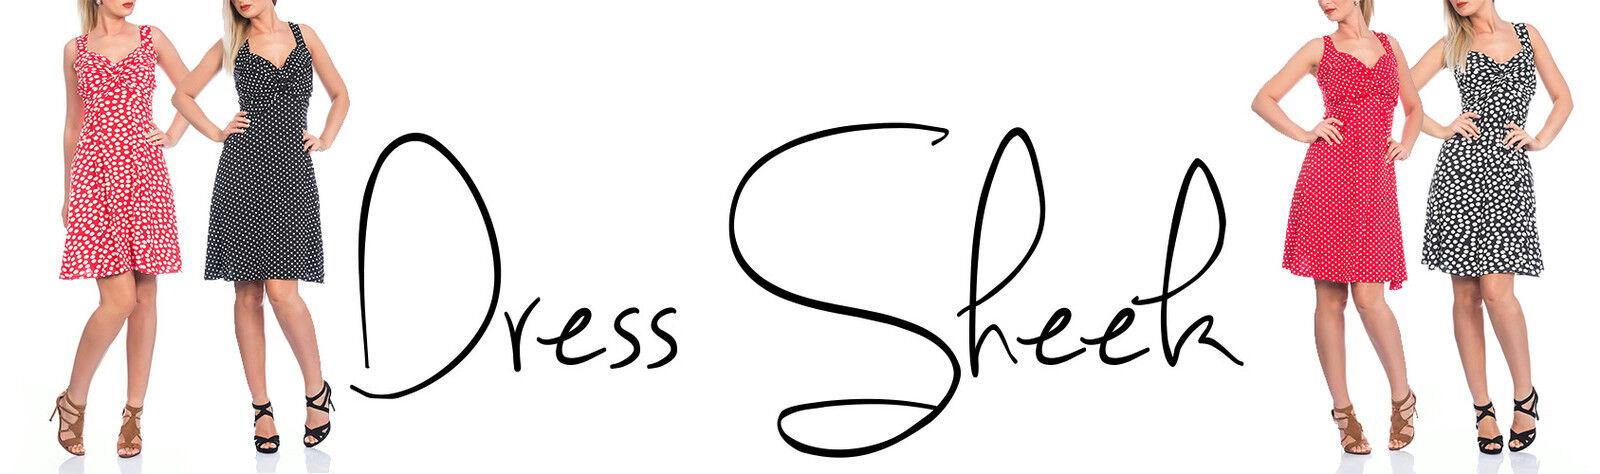 Dress Sheek